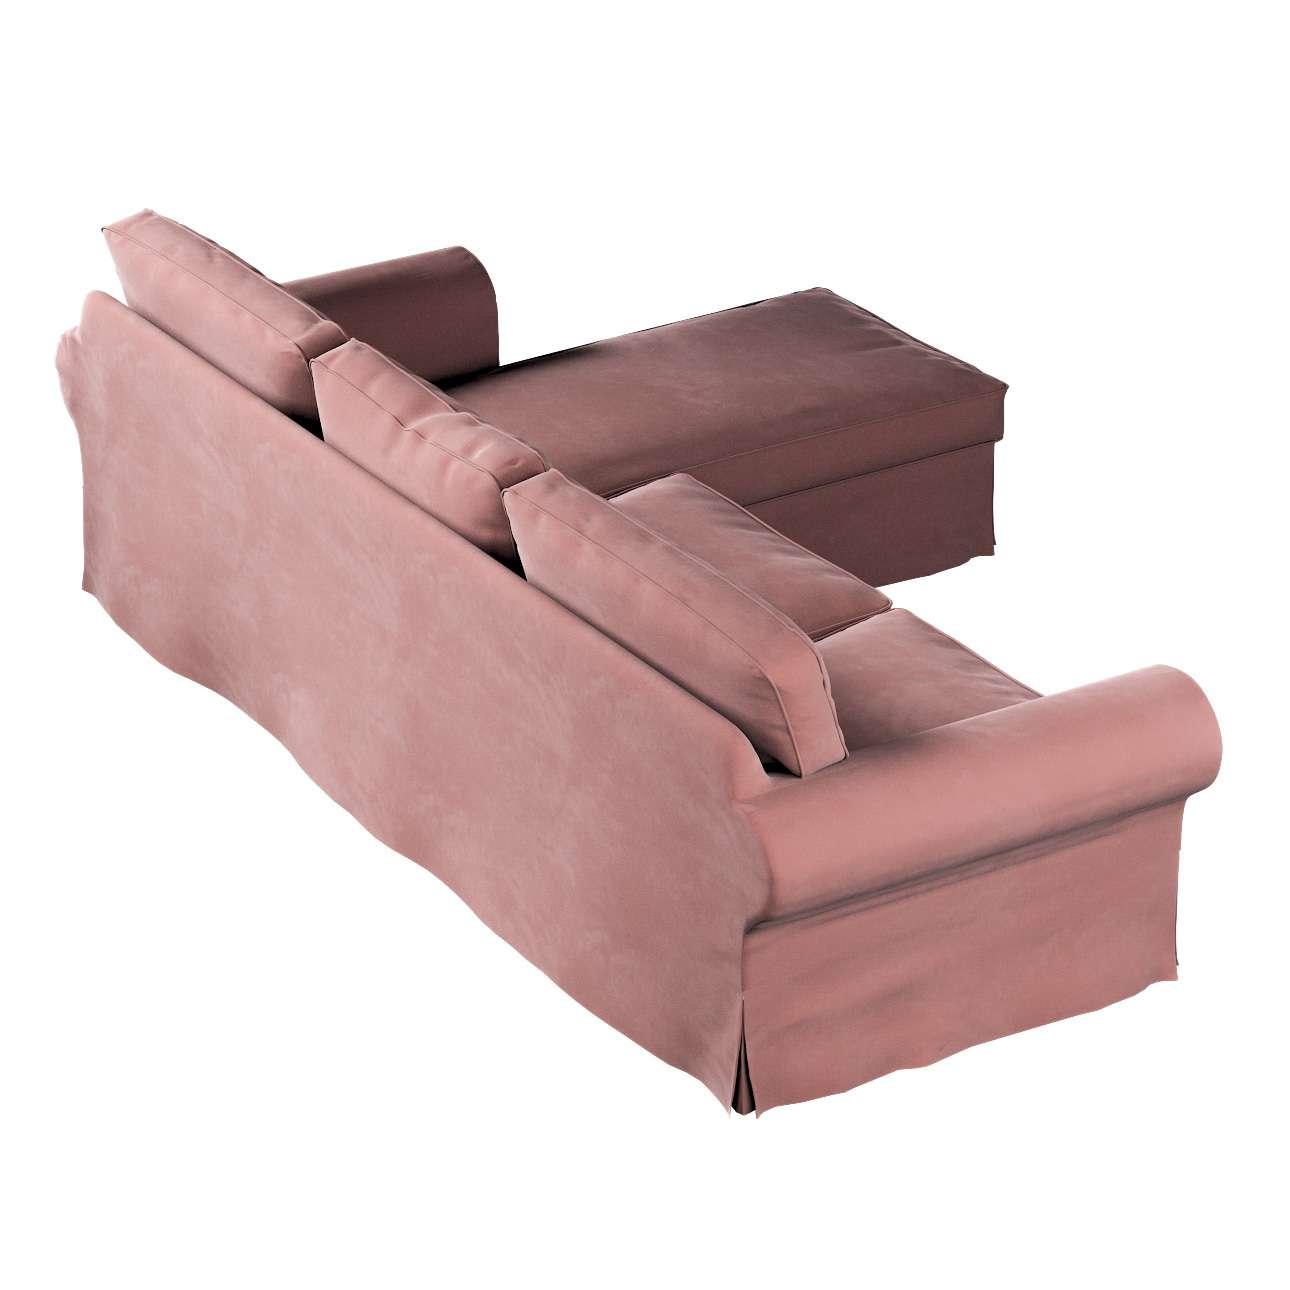 Pokrowiec na sofę Ektorp 2-osobową i leżankę w kolekcji Velvet, tkanina: 704-30